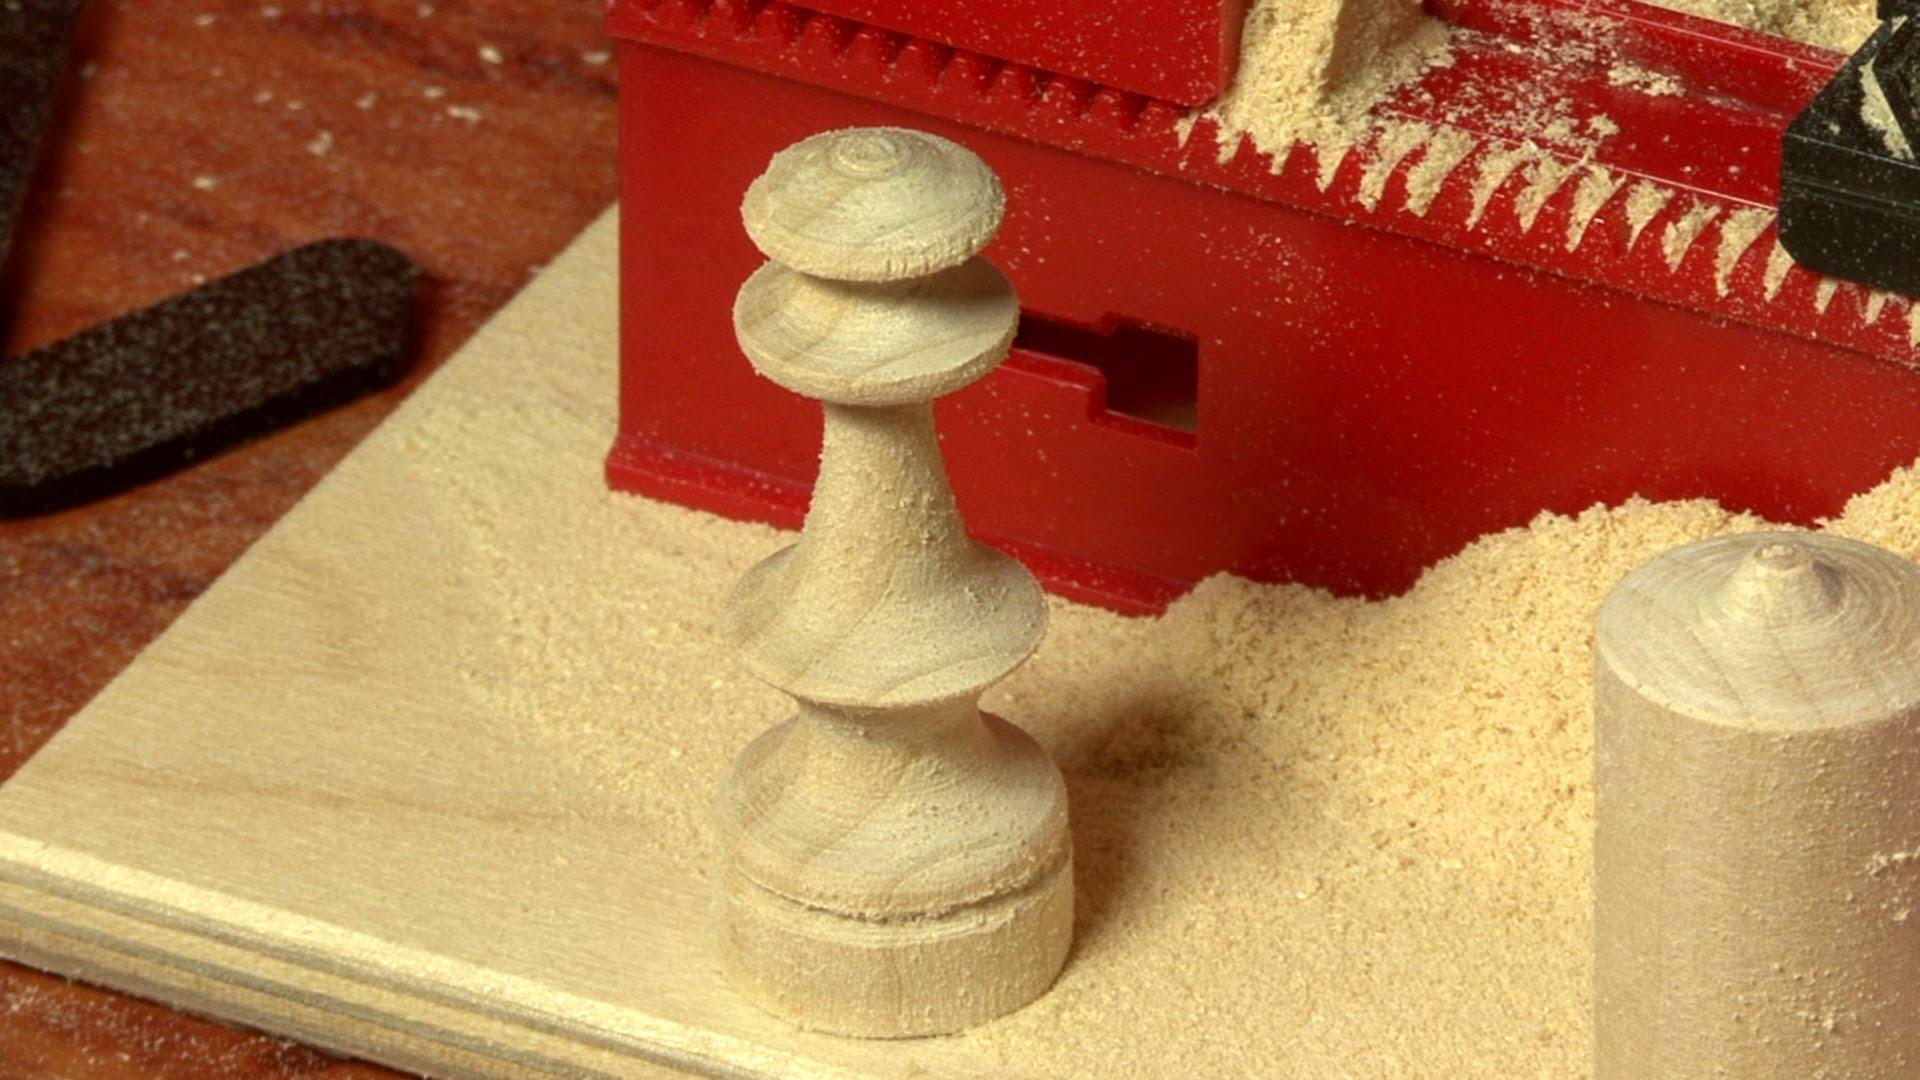 Детский столярный станок PLAYMAT: обработка дерева своими руками — это интересно - 5